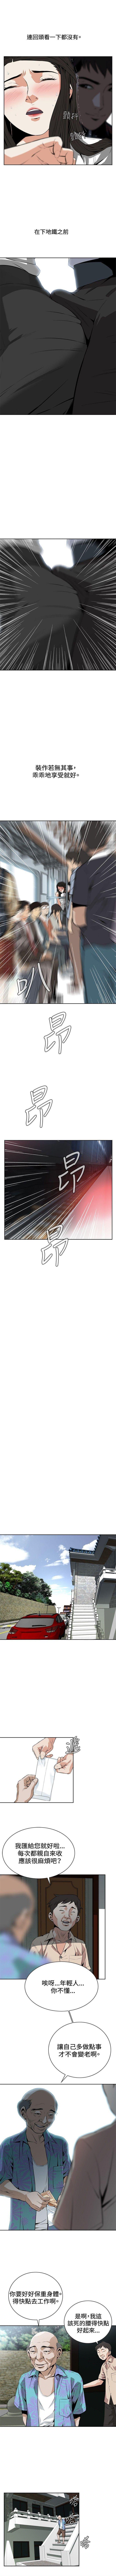 偷窥  0-10 中文翻译 (更新中) 73